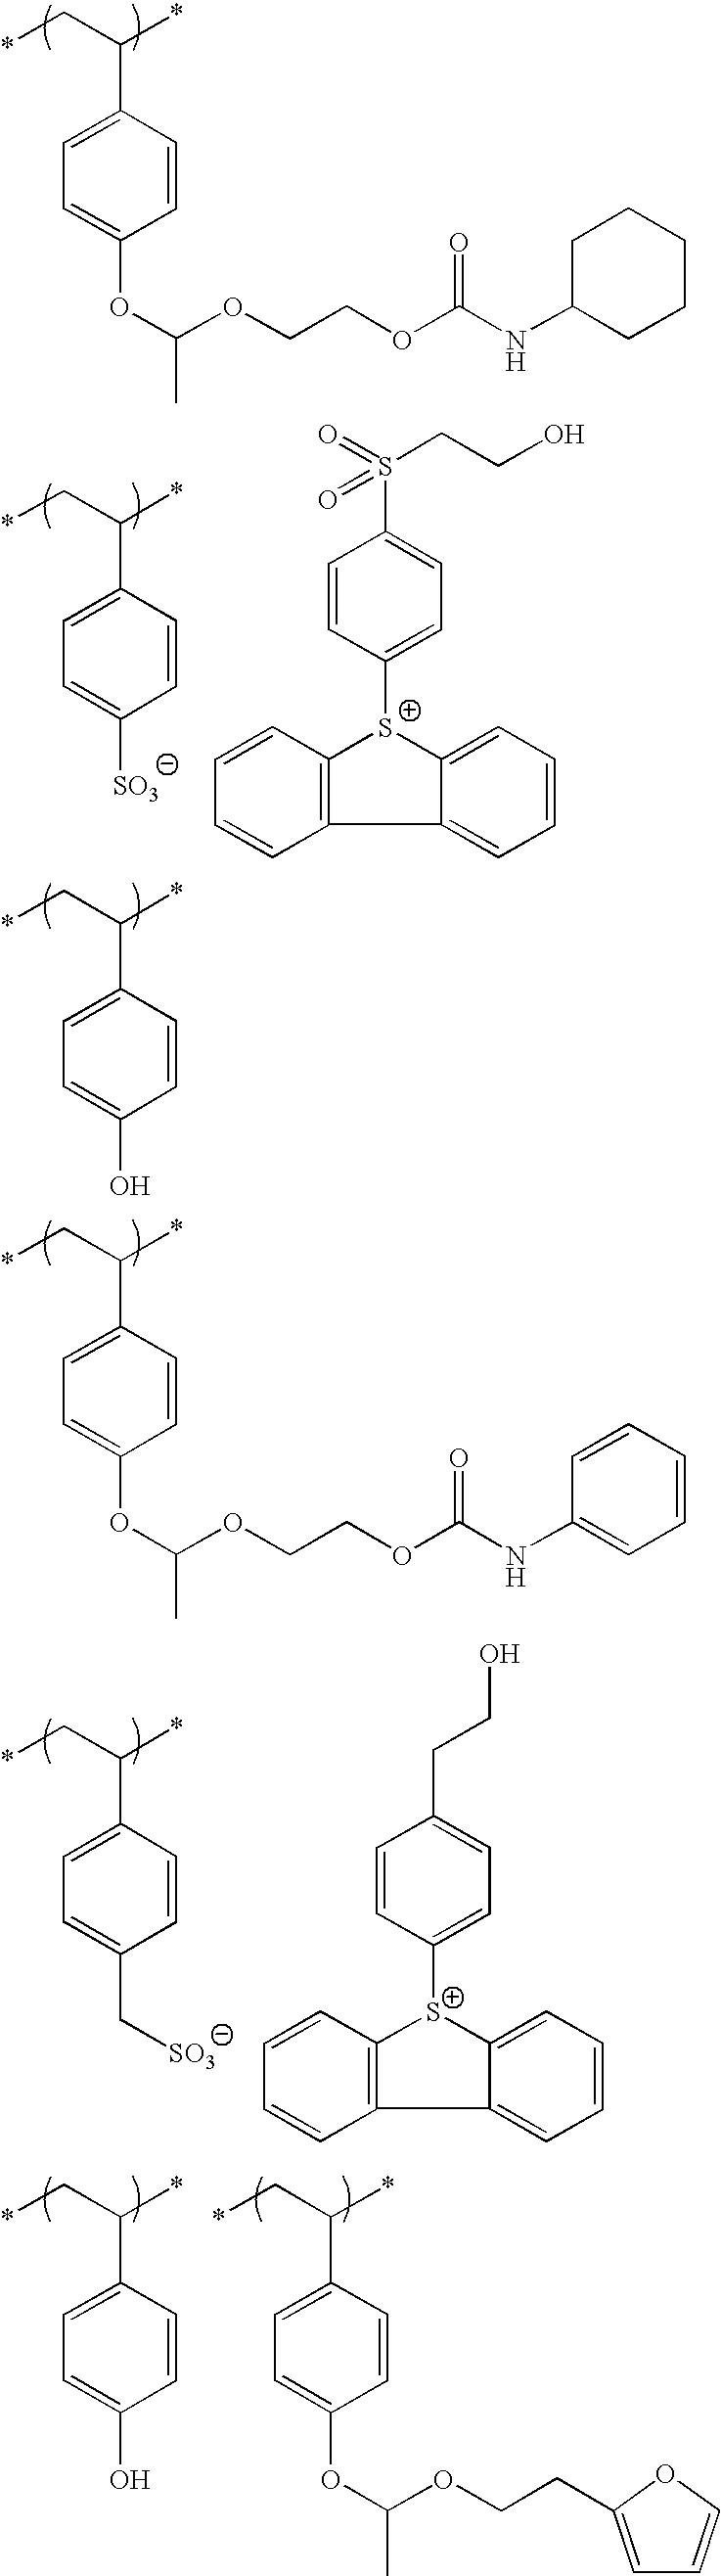 Figure US20100183975A1-20100722-C00171